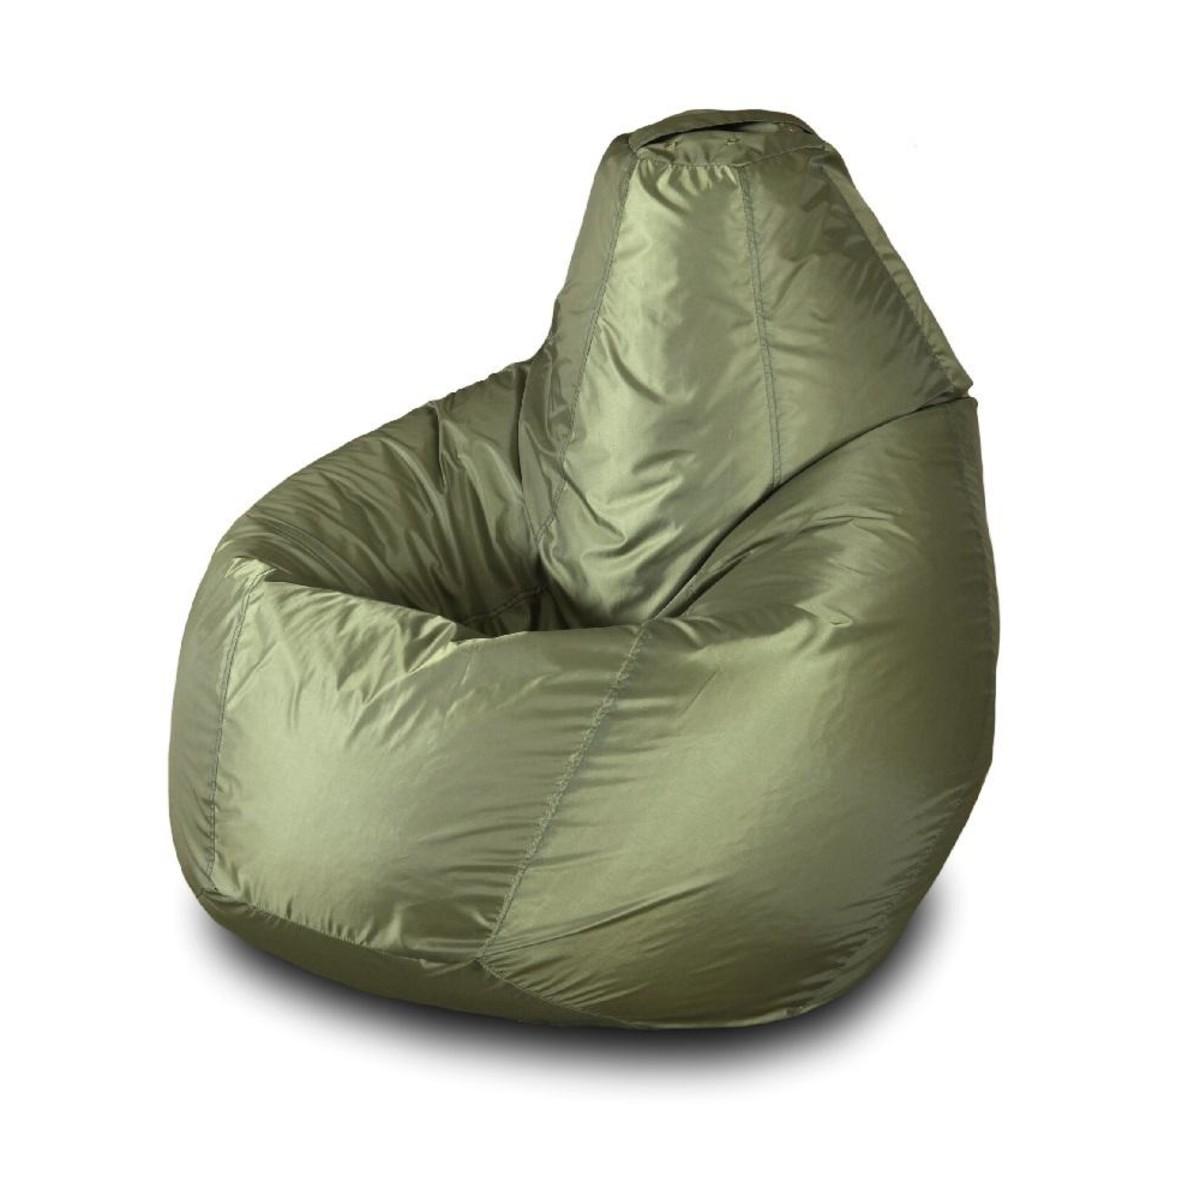 Кресло-Груша Пазитифчик Окс26 145Х100